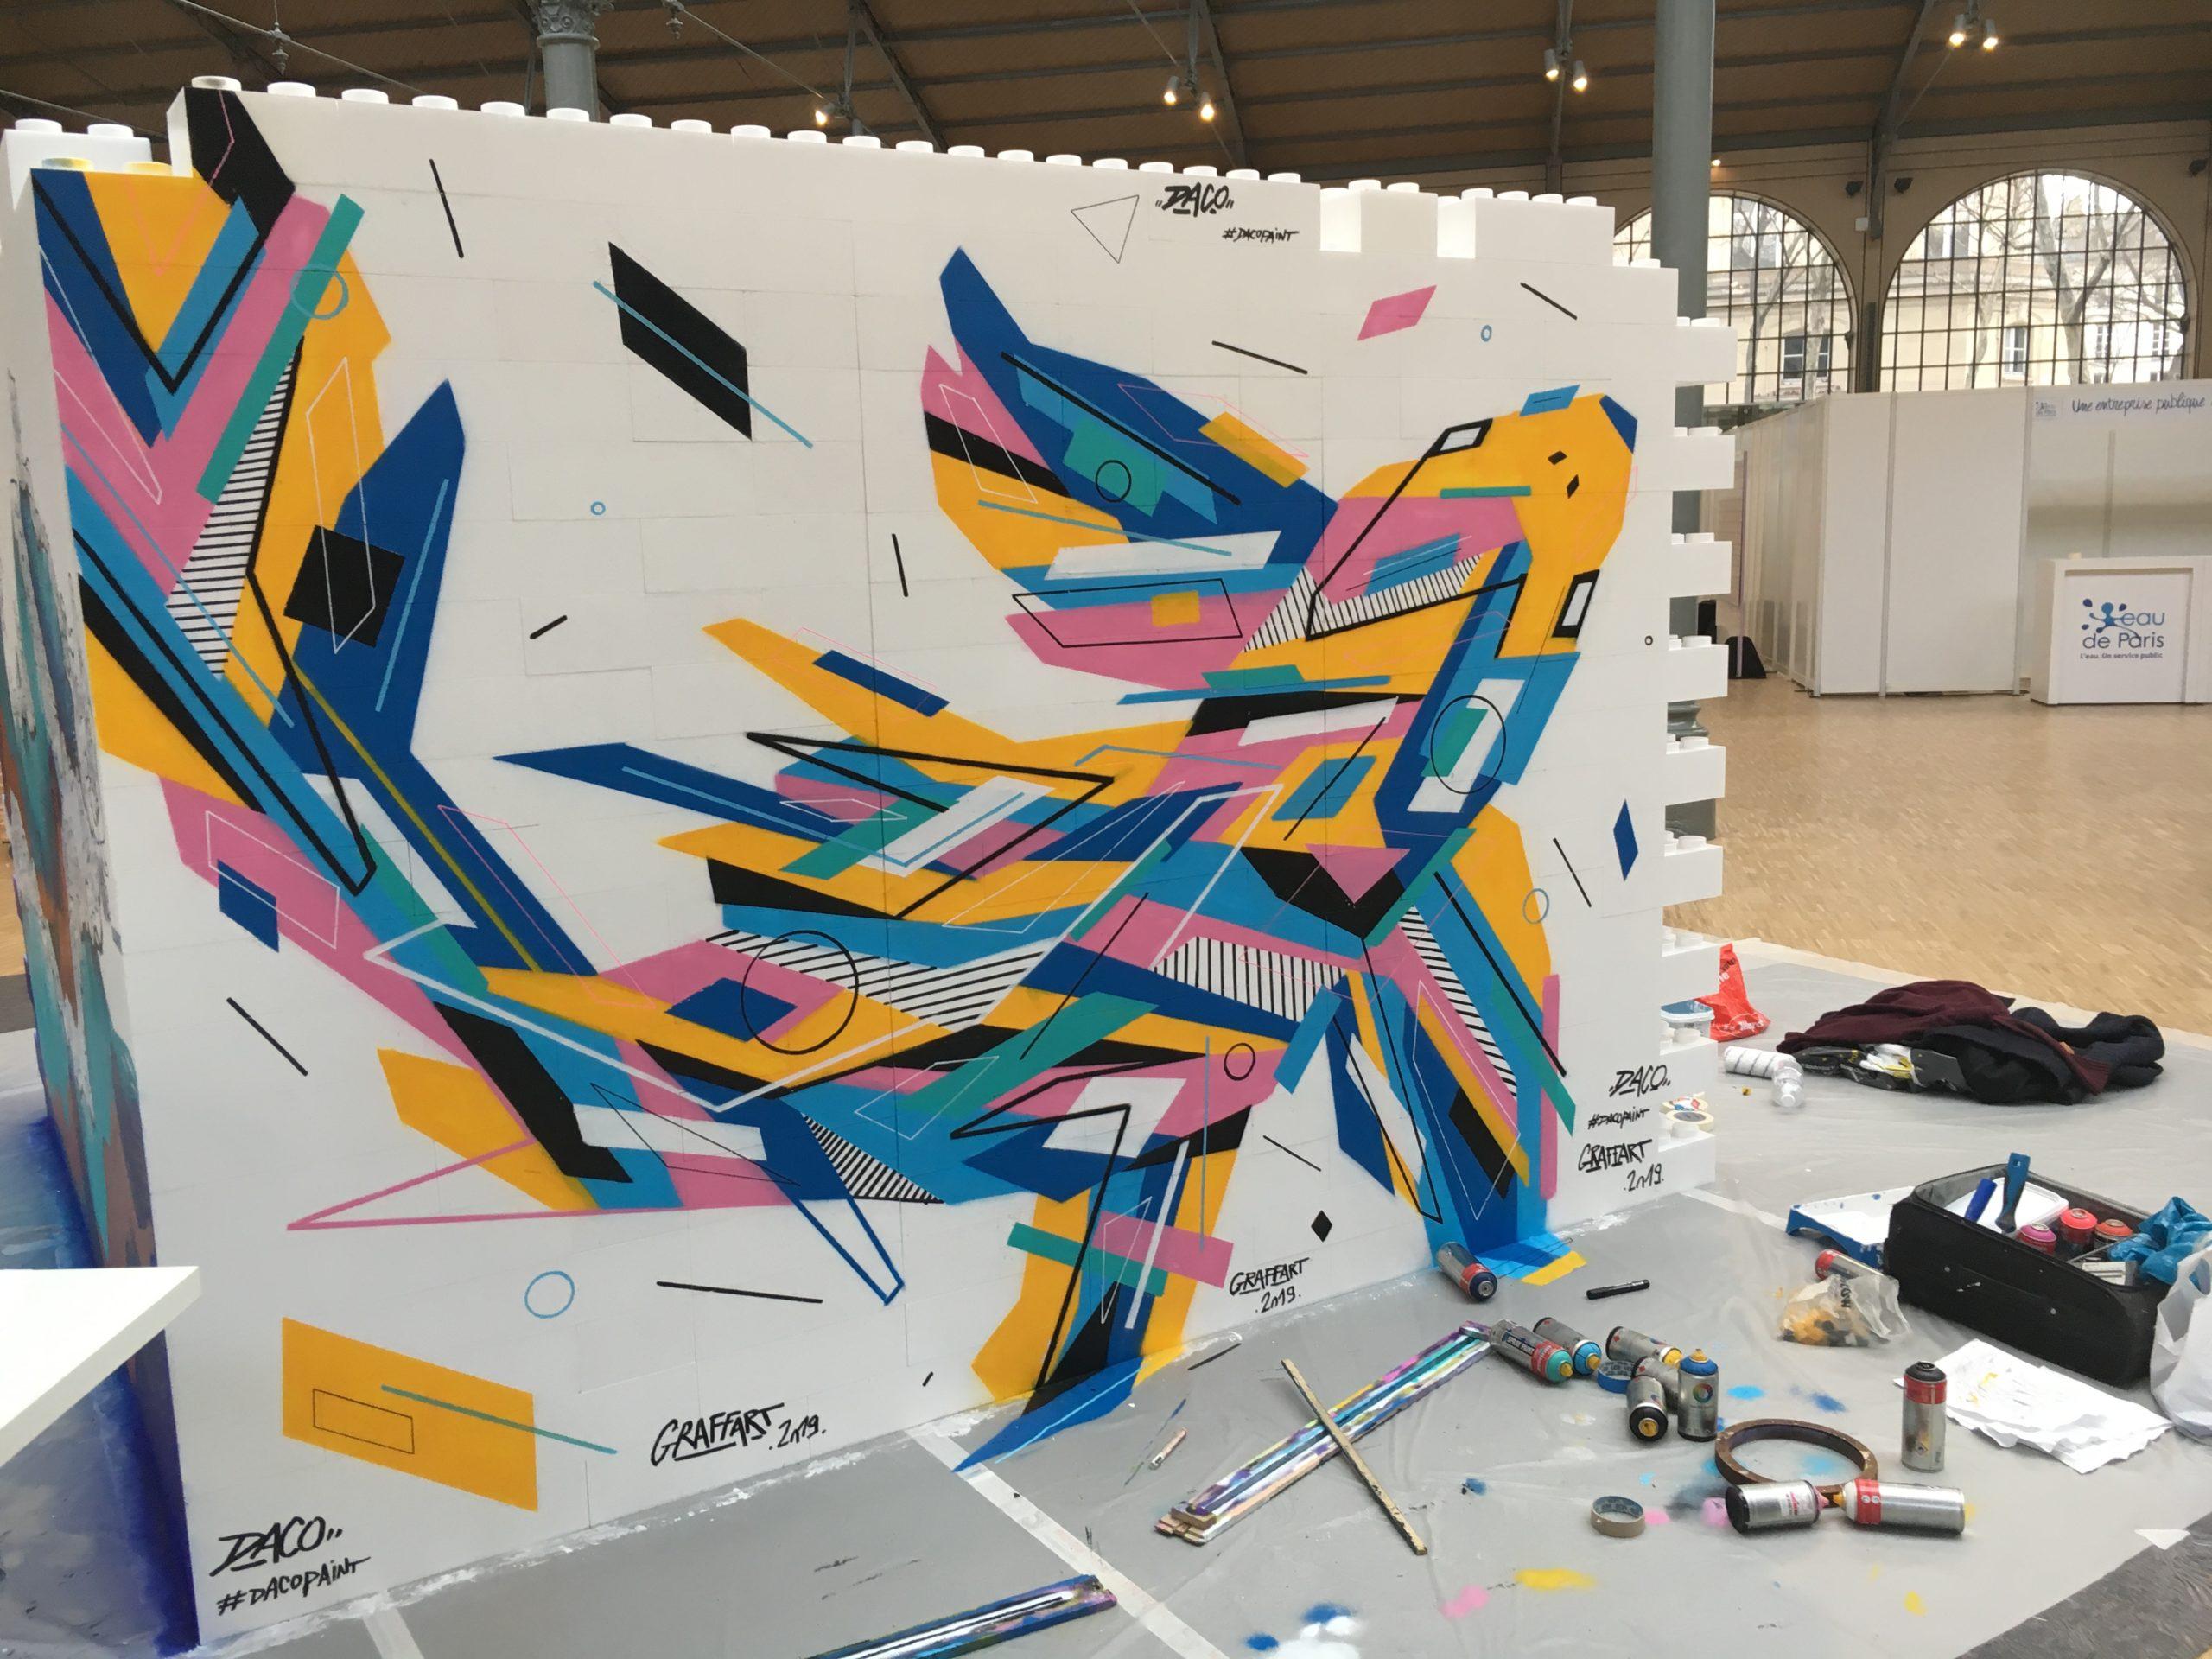 Fresque Graffaune Graffiti carpe koi réalisée par Daco